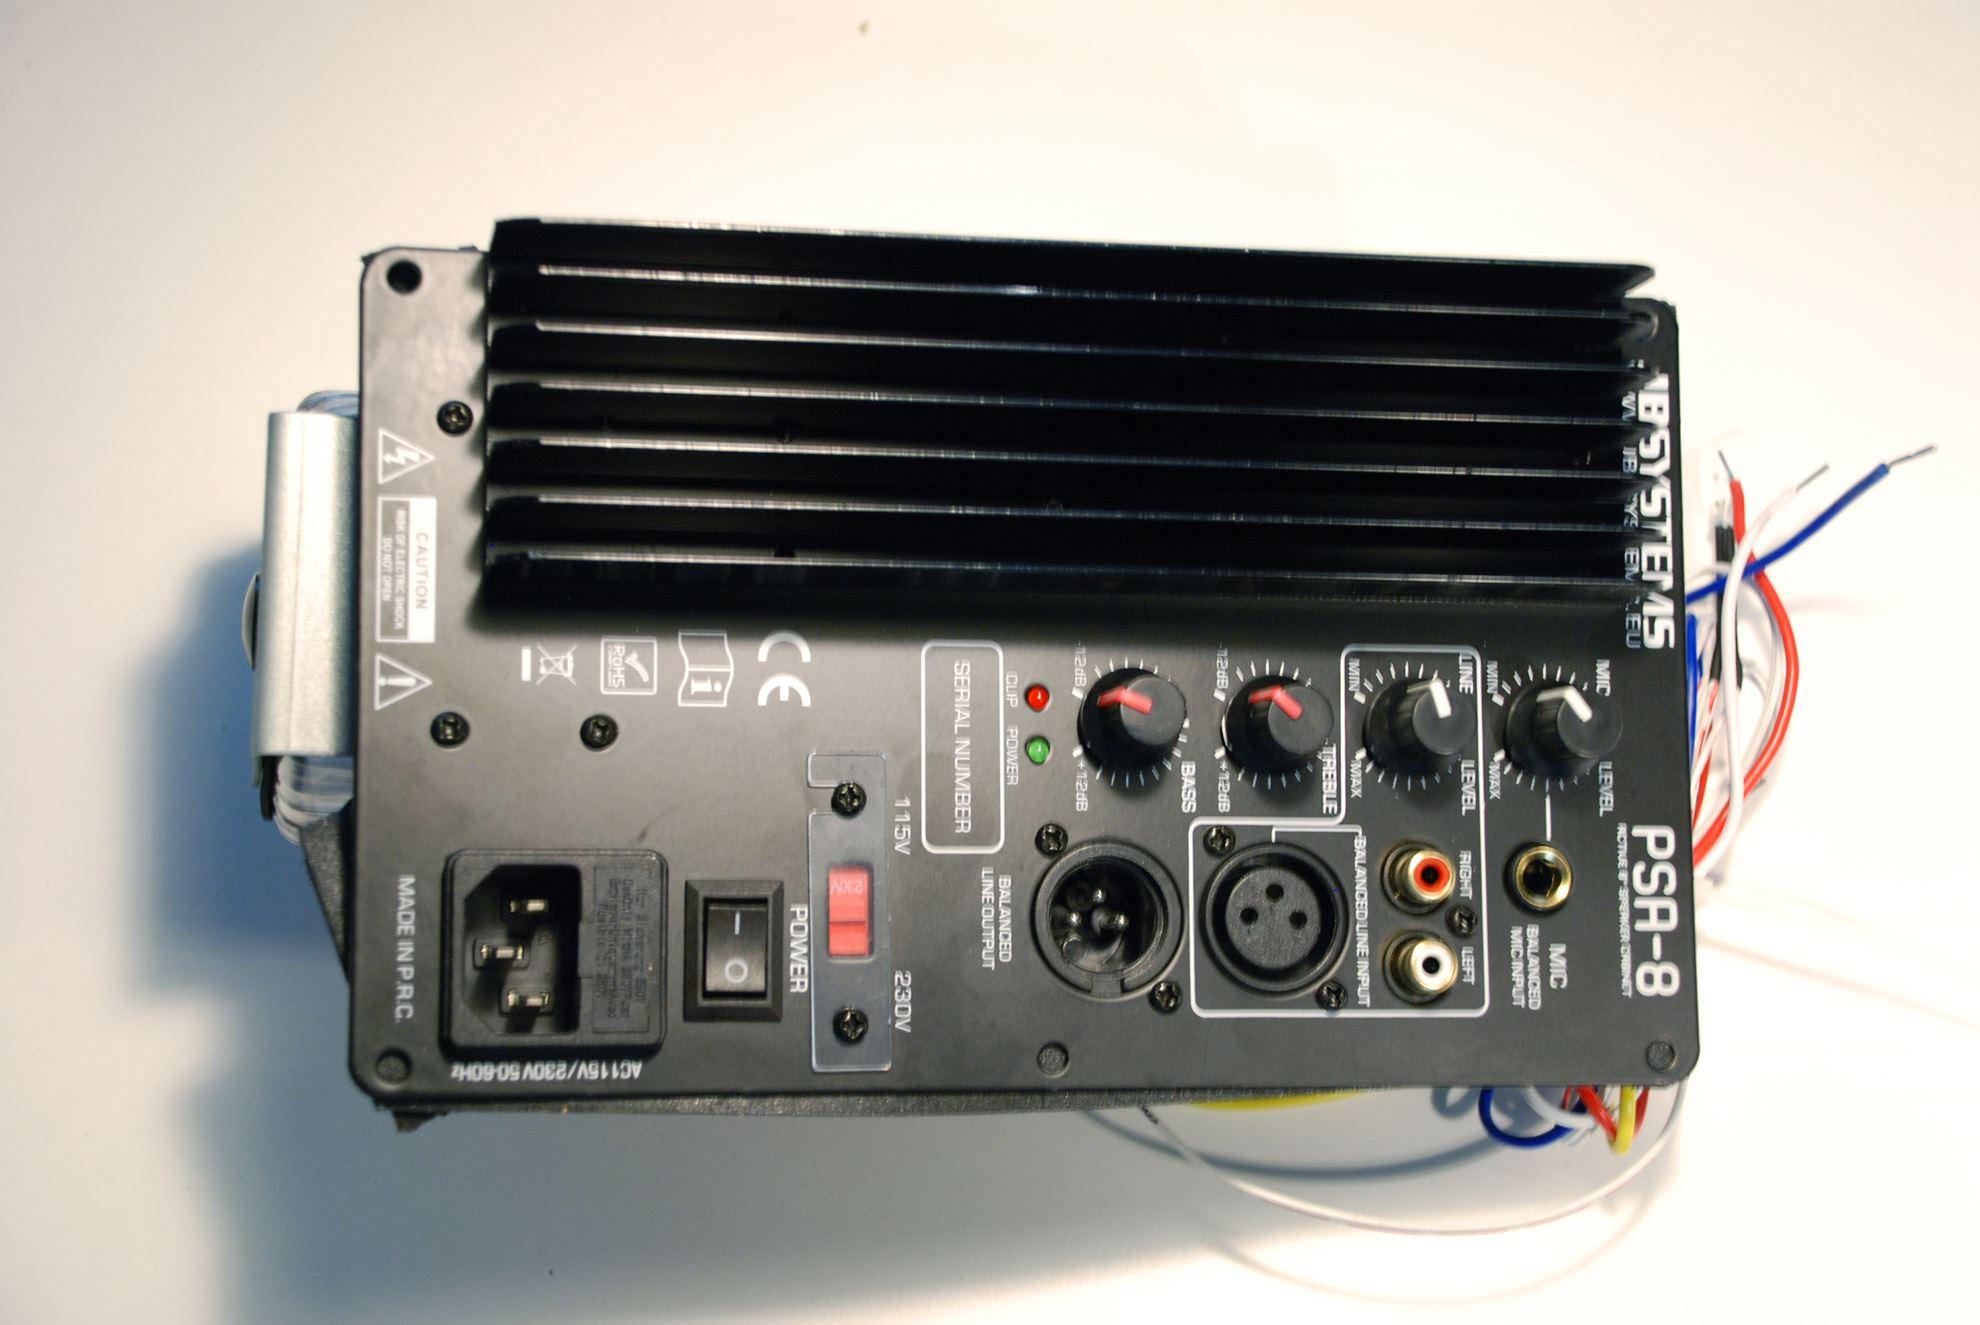 jbsystems pcb complete amplifier psa 08. Black Bedroom Furniture Sets. Home Design Ideas